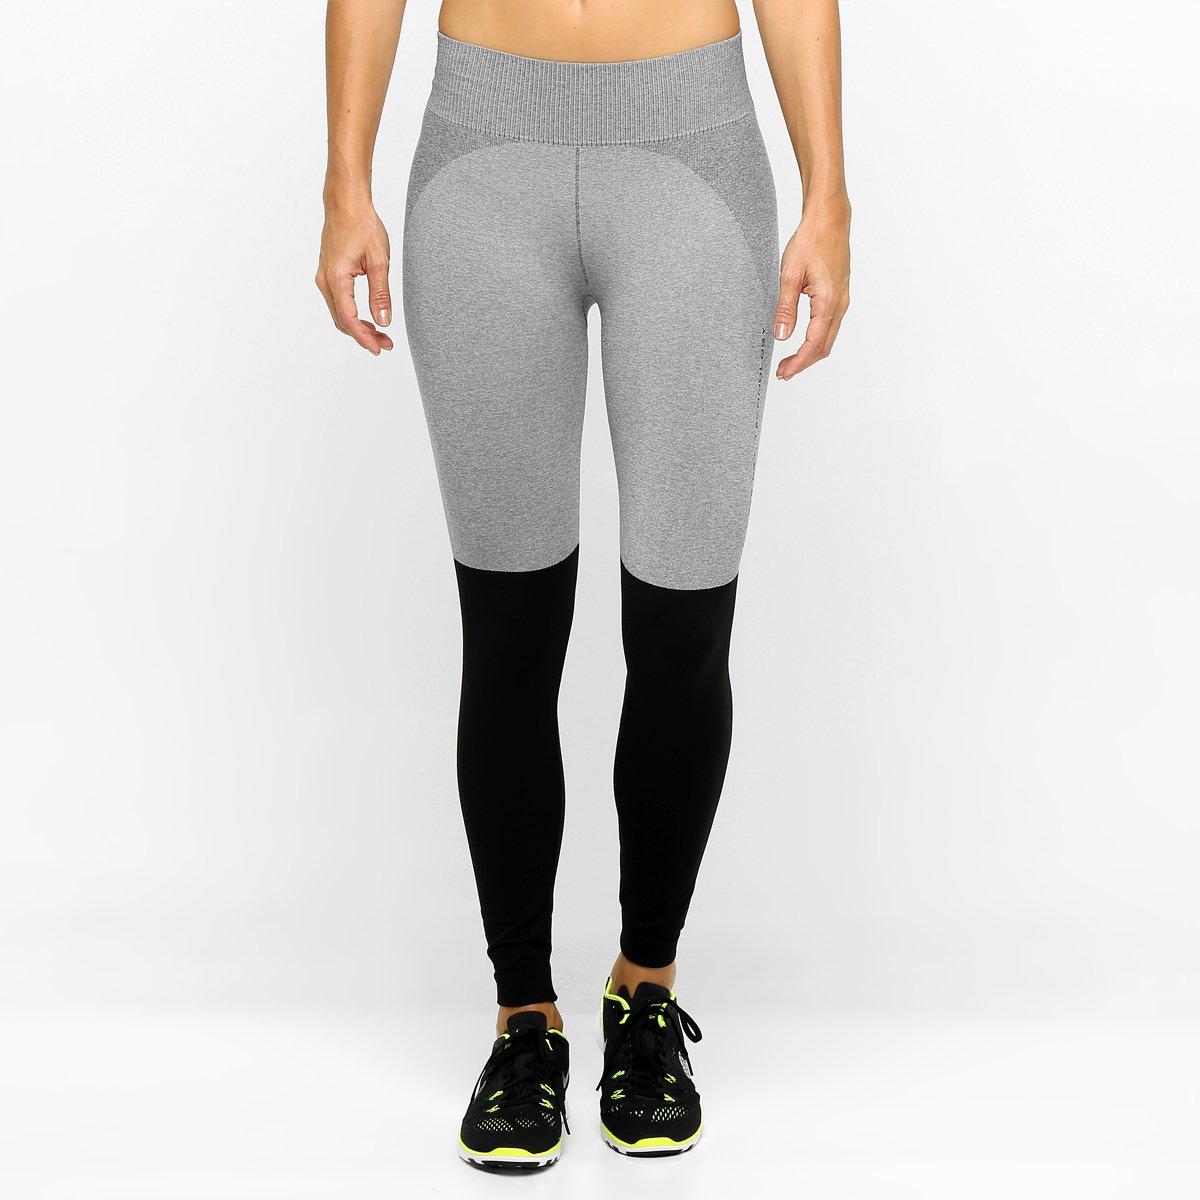 acd56b2d7a Calça Legging Lupo Sport Workout - Compre Agora